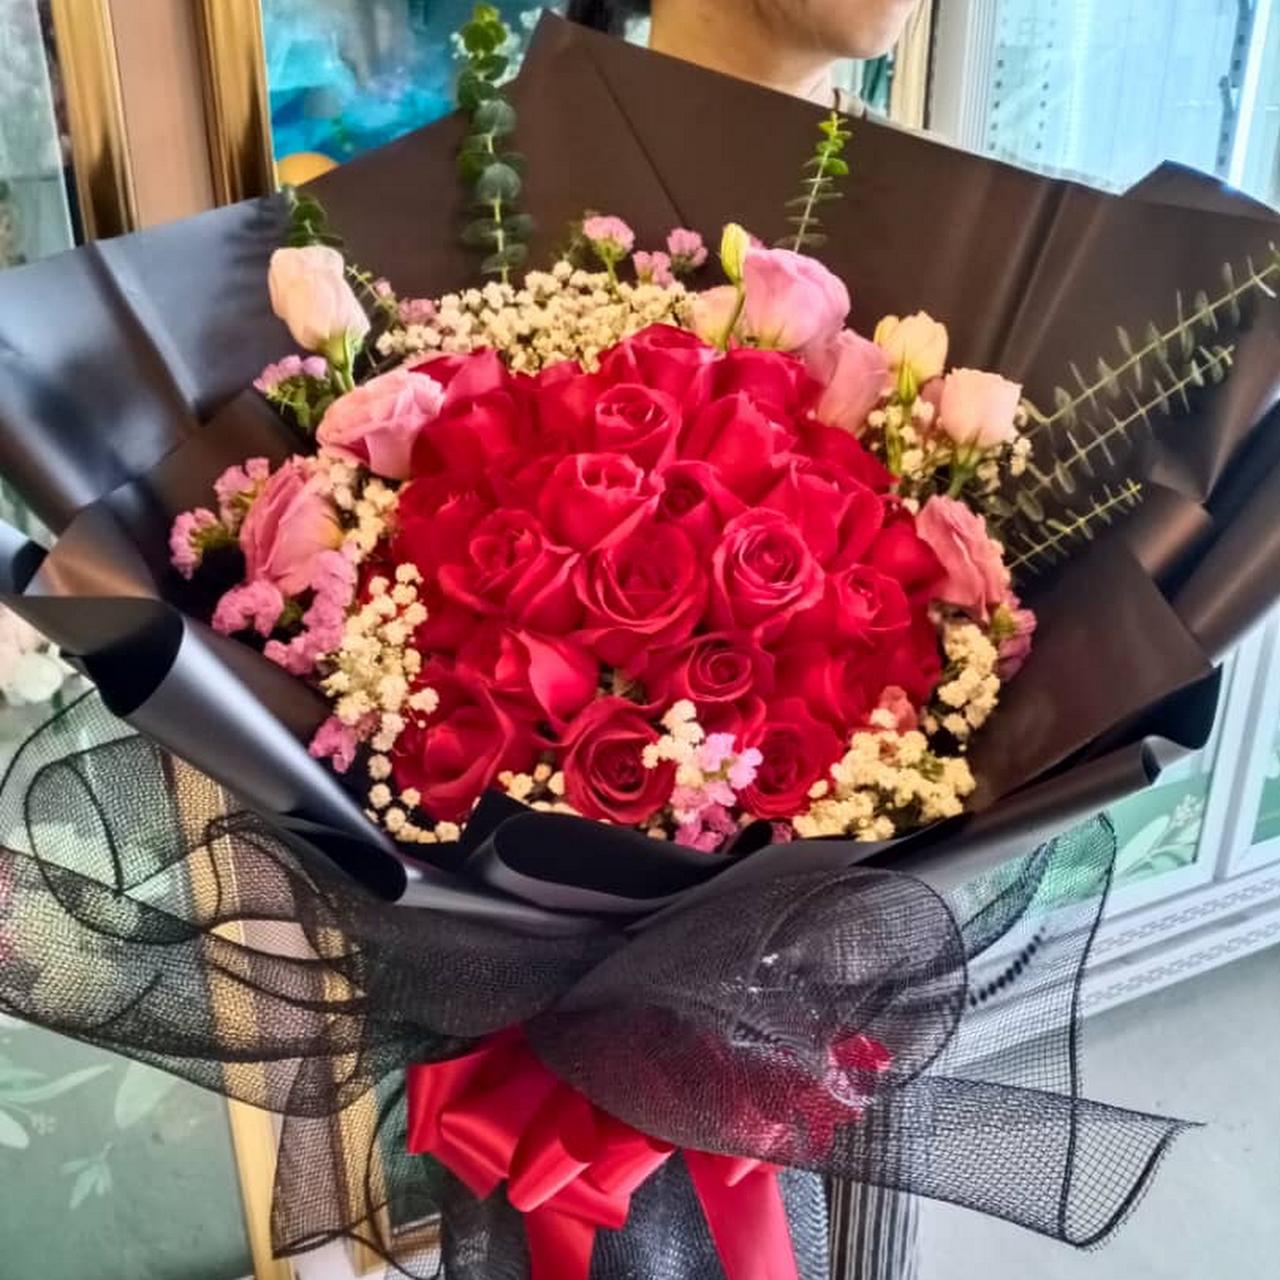 Mazzo Di Fiore Johor Bahru.Johor Bahru Flower Delivery Flower Shop Mazzo Di Fiore Aeon